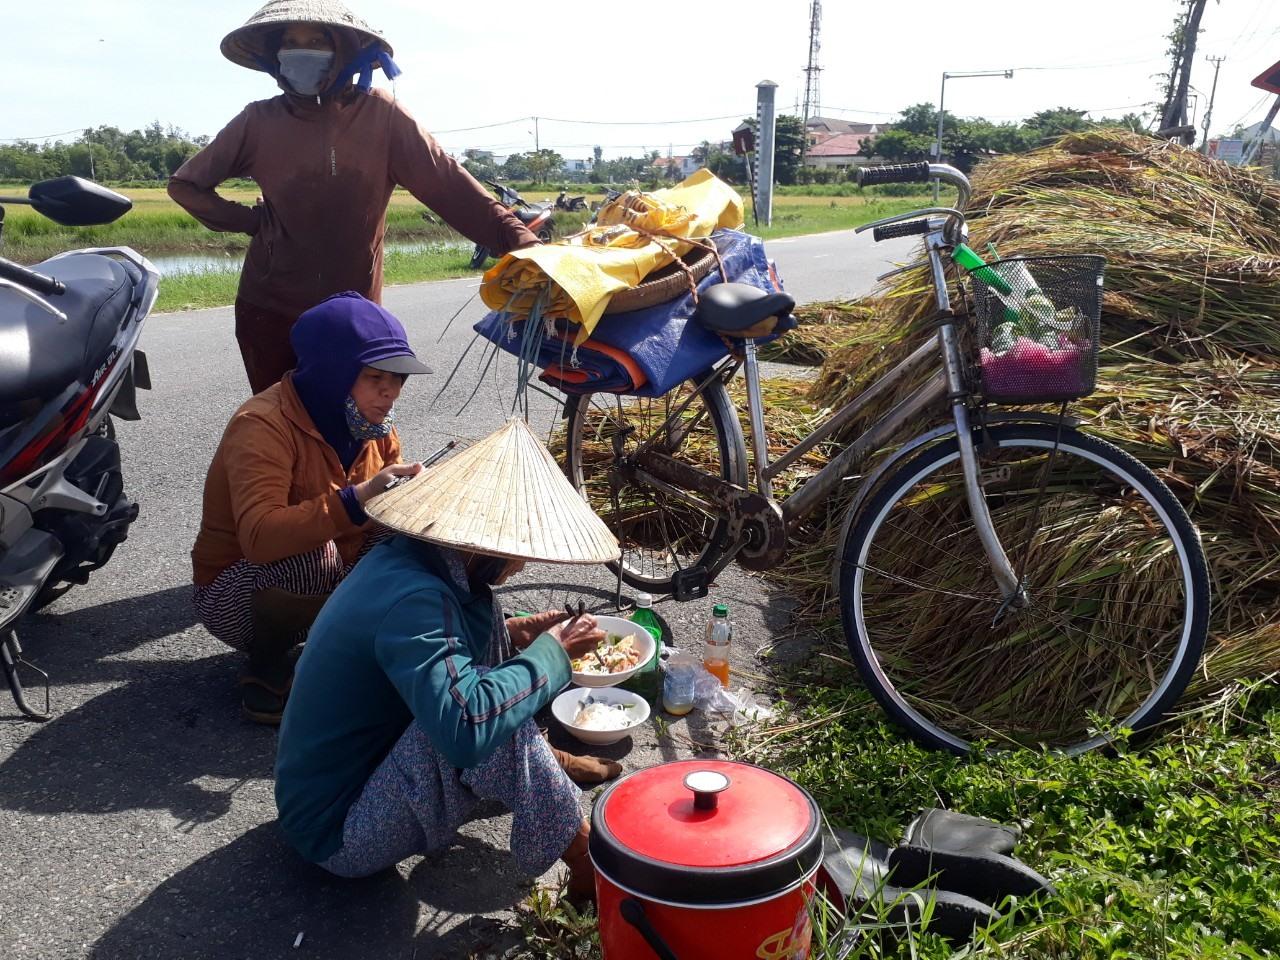 Nhiều phụ nữ tranh thủ ăn vội ít thức ăn để lấy sức tiếp tục gặt lúa.